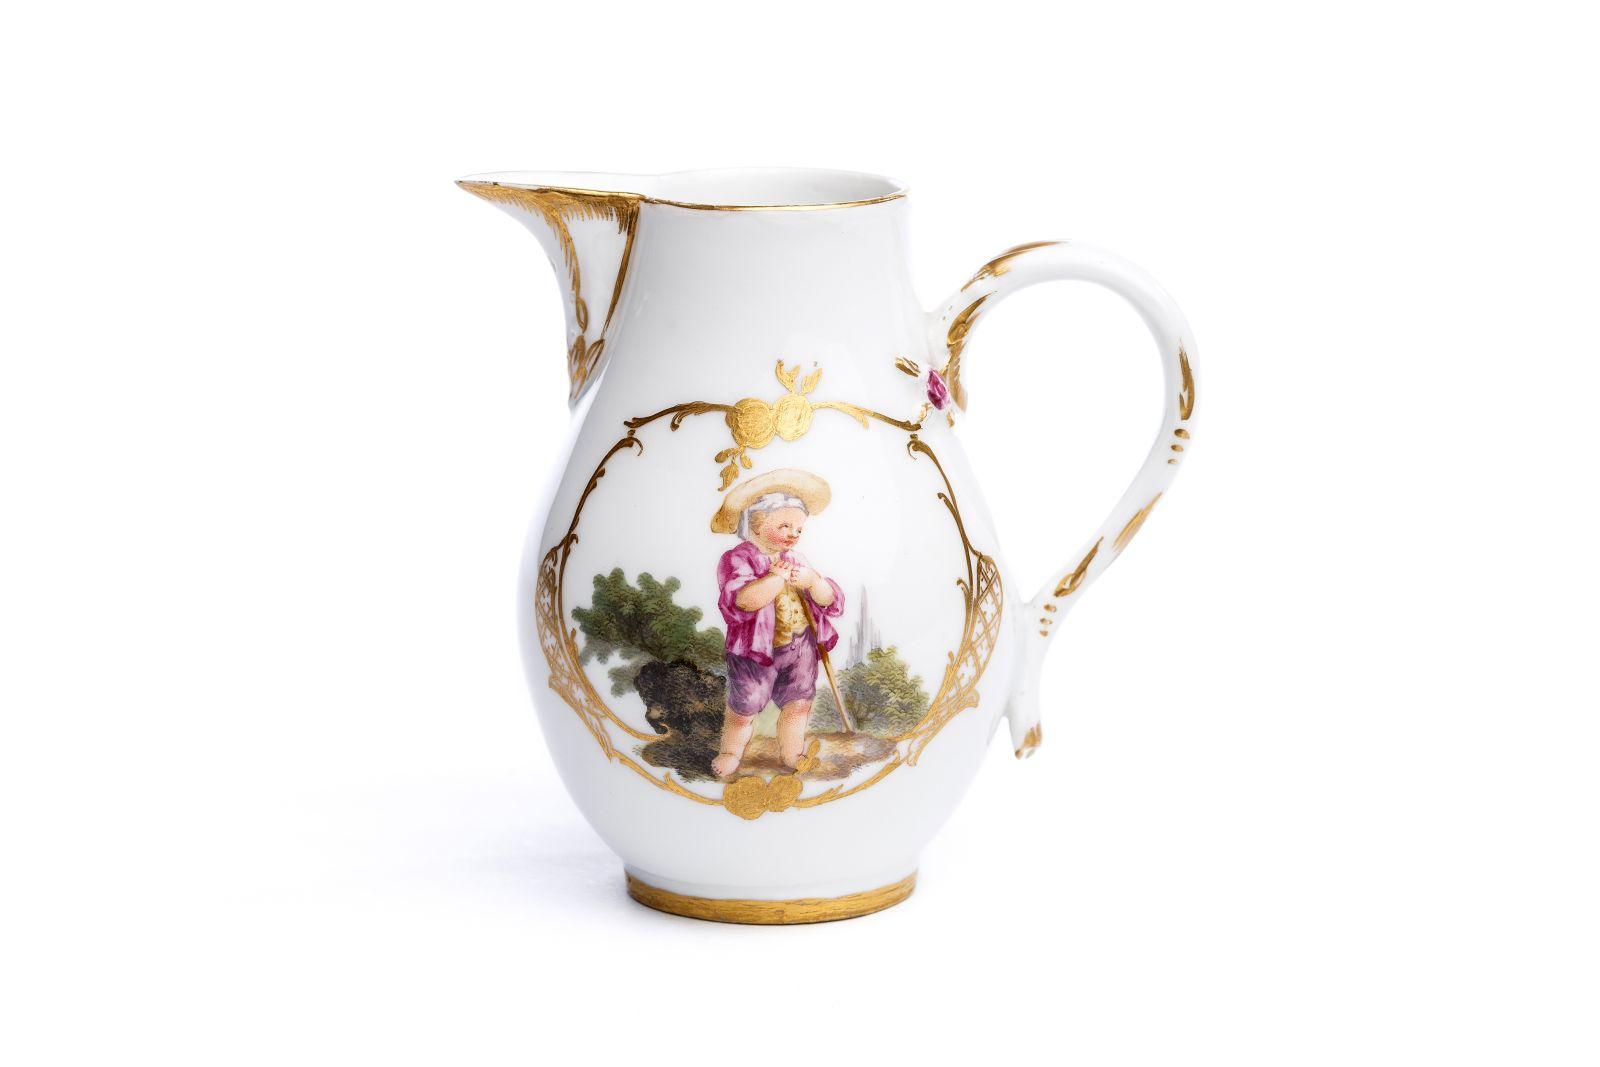 #28 Small jug Image